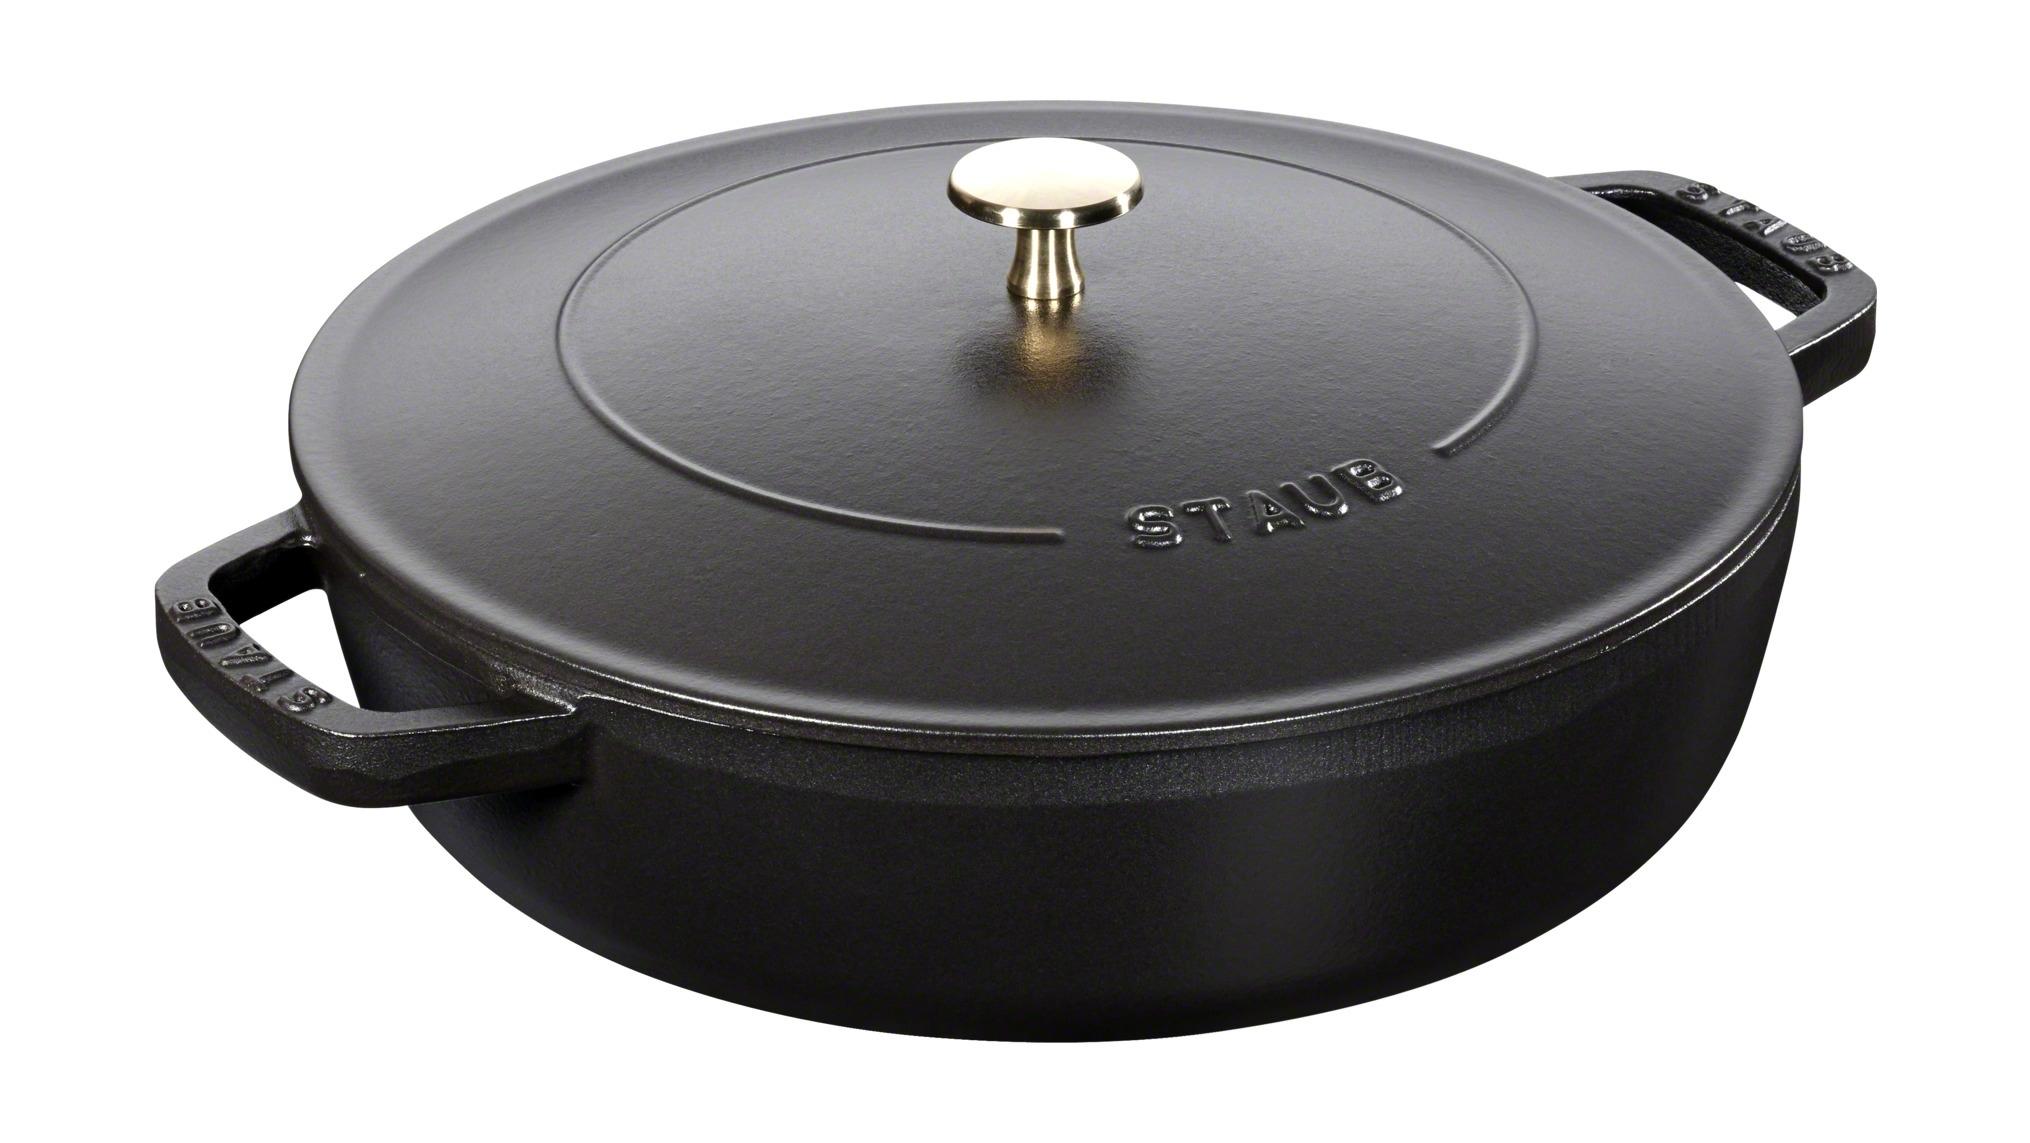 """Сотейник Staub """"чистера"""" с чугунной  крышкой, 28 см, 3,7 л, черный 12612825"""